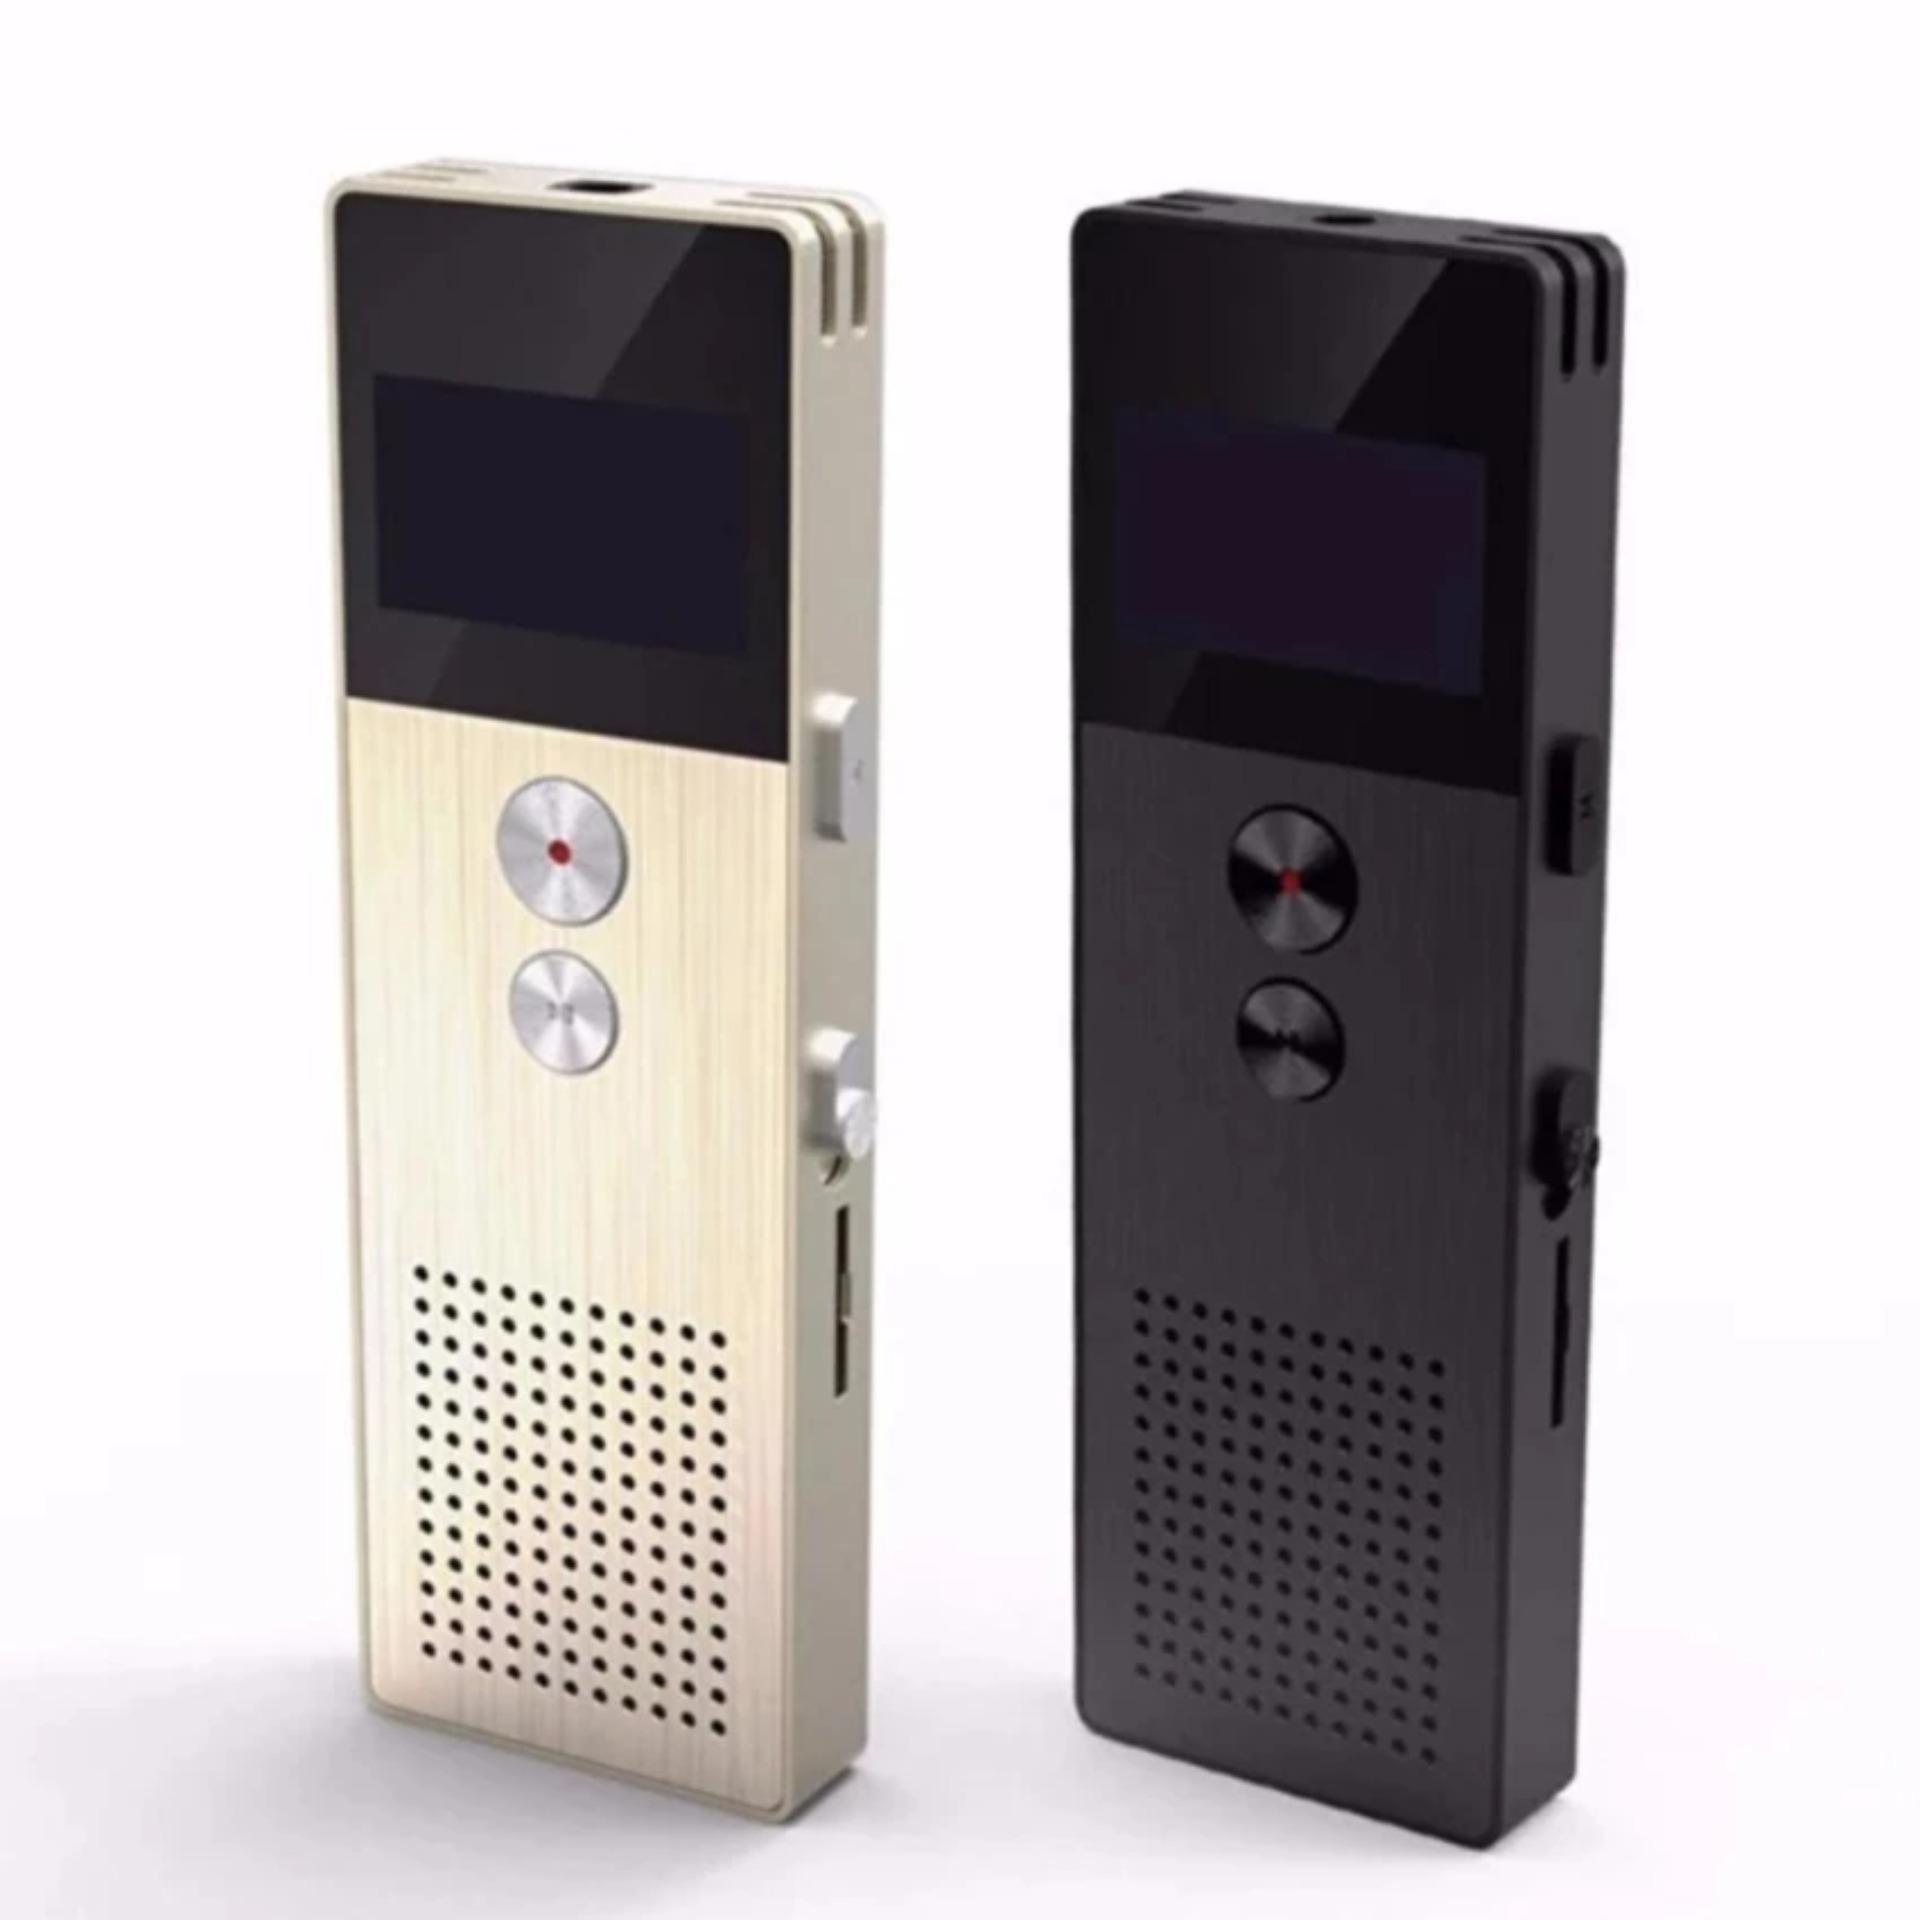 Giá Niêm Yết Máy ghi âm chơi nhạc chuyên nghiệp bộ nhớ 8GB màn hình LED âm thanh Remax RP1